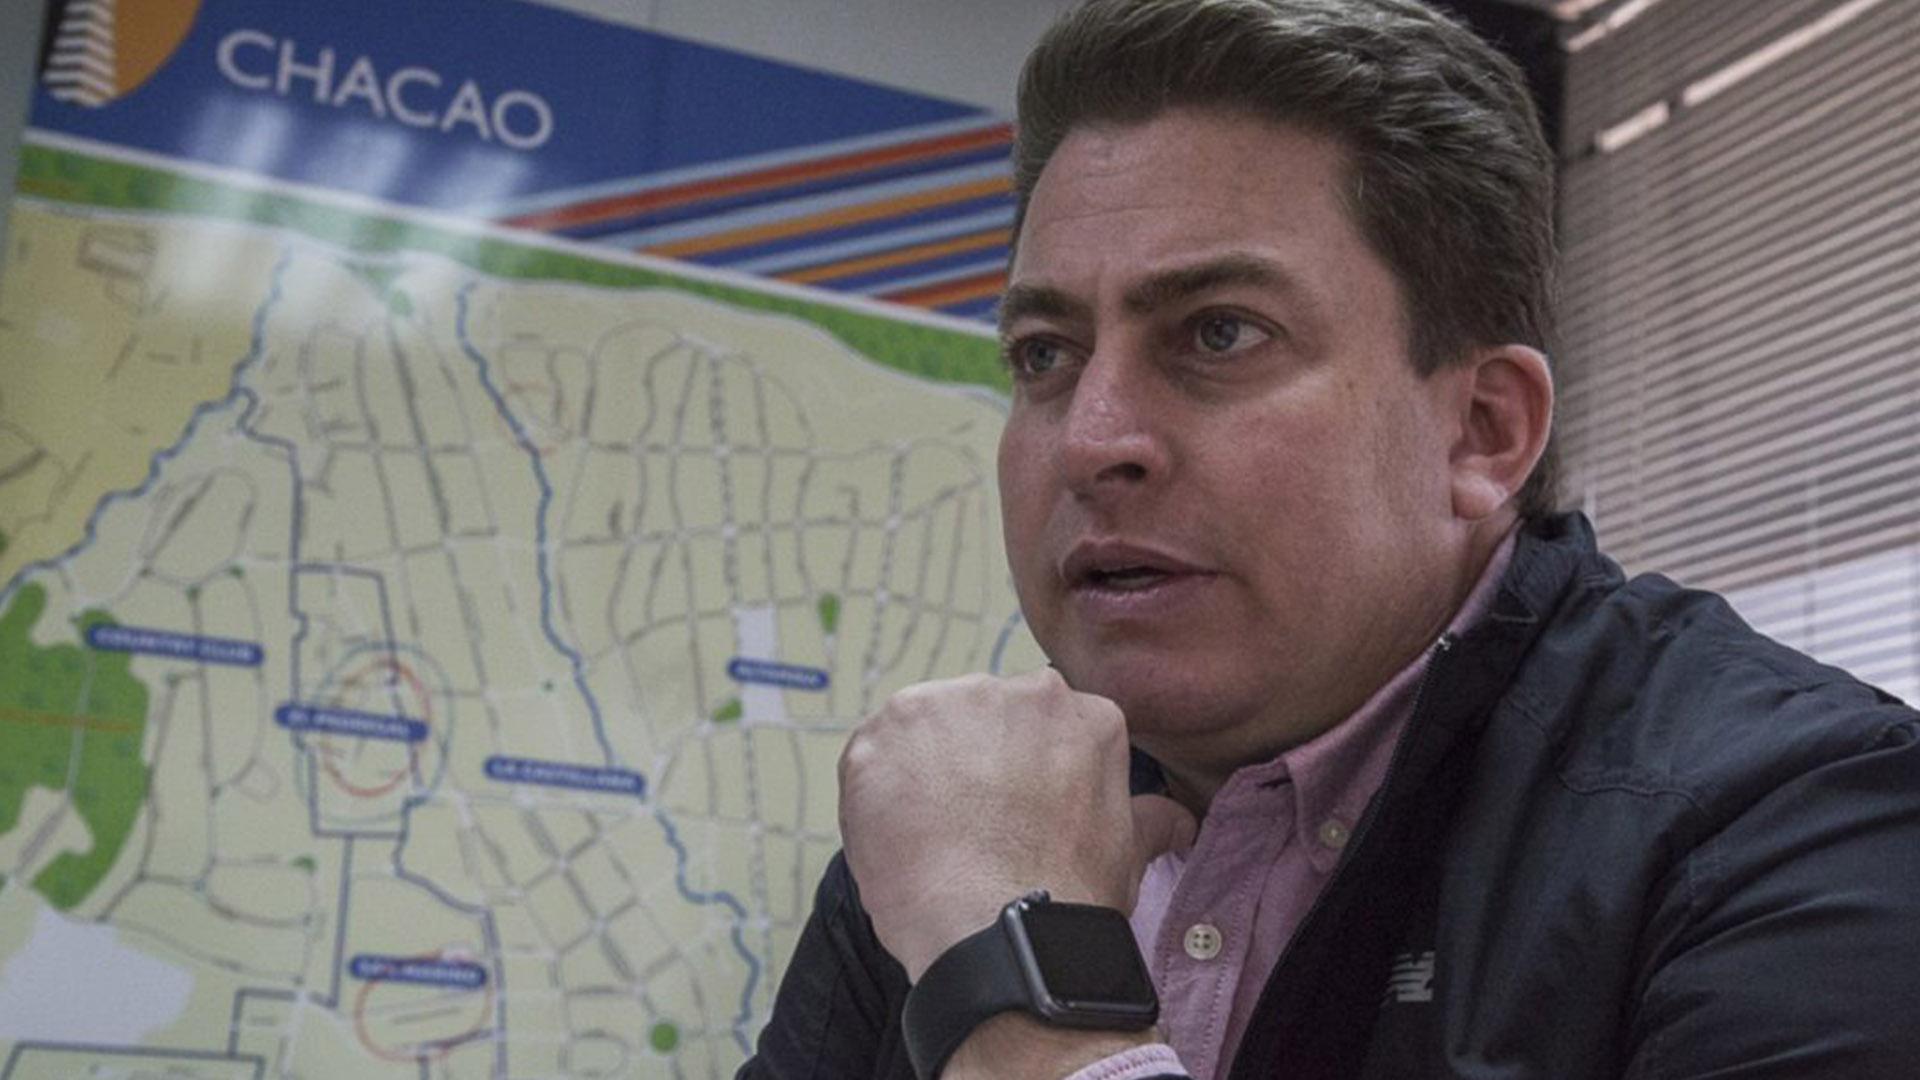 Gustavo Duque dispuesto a participar en elecciones municipales